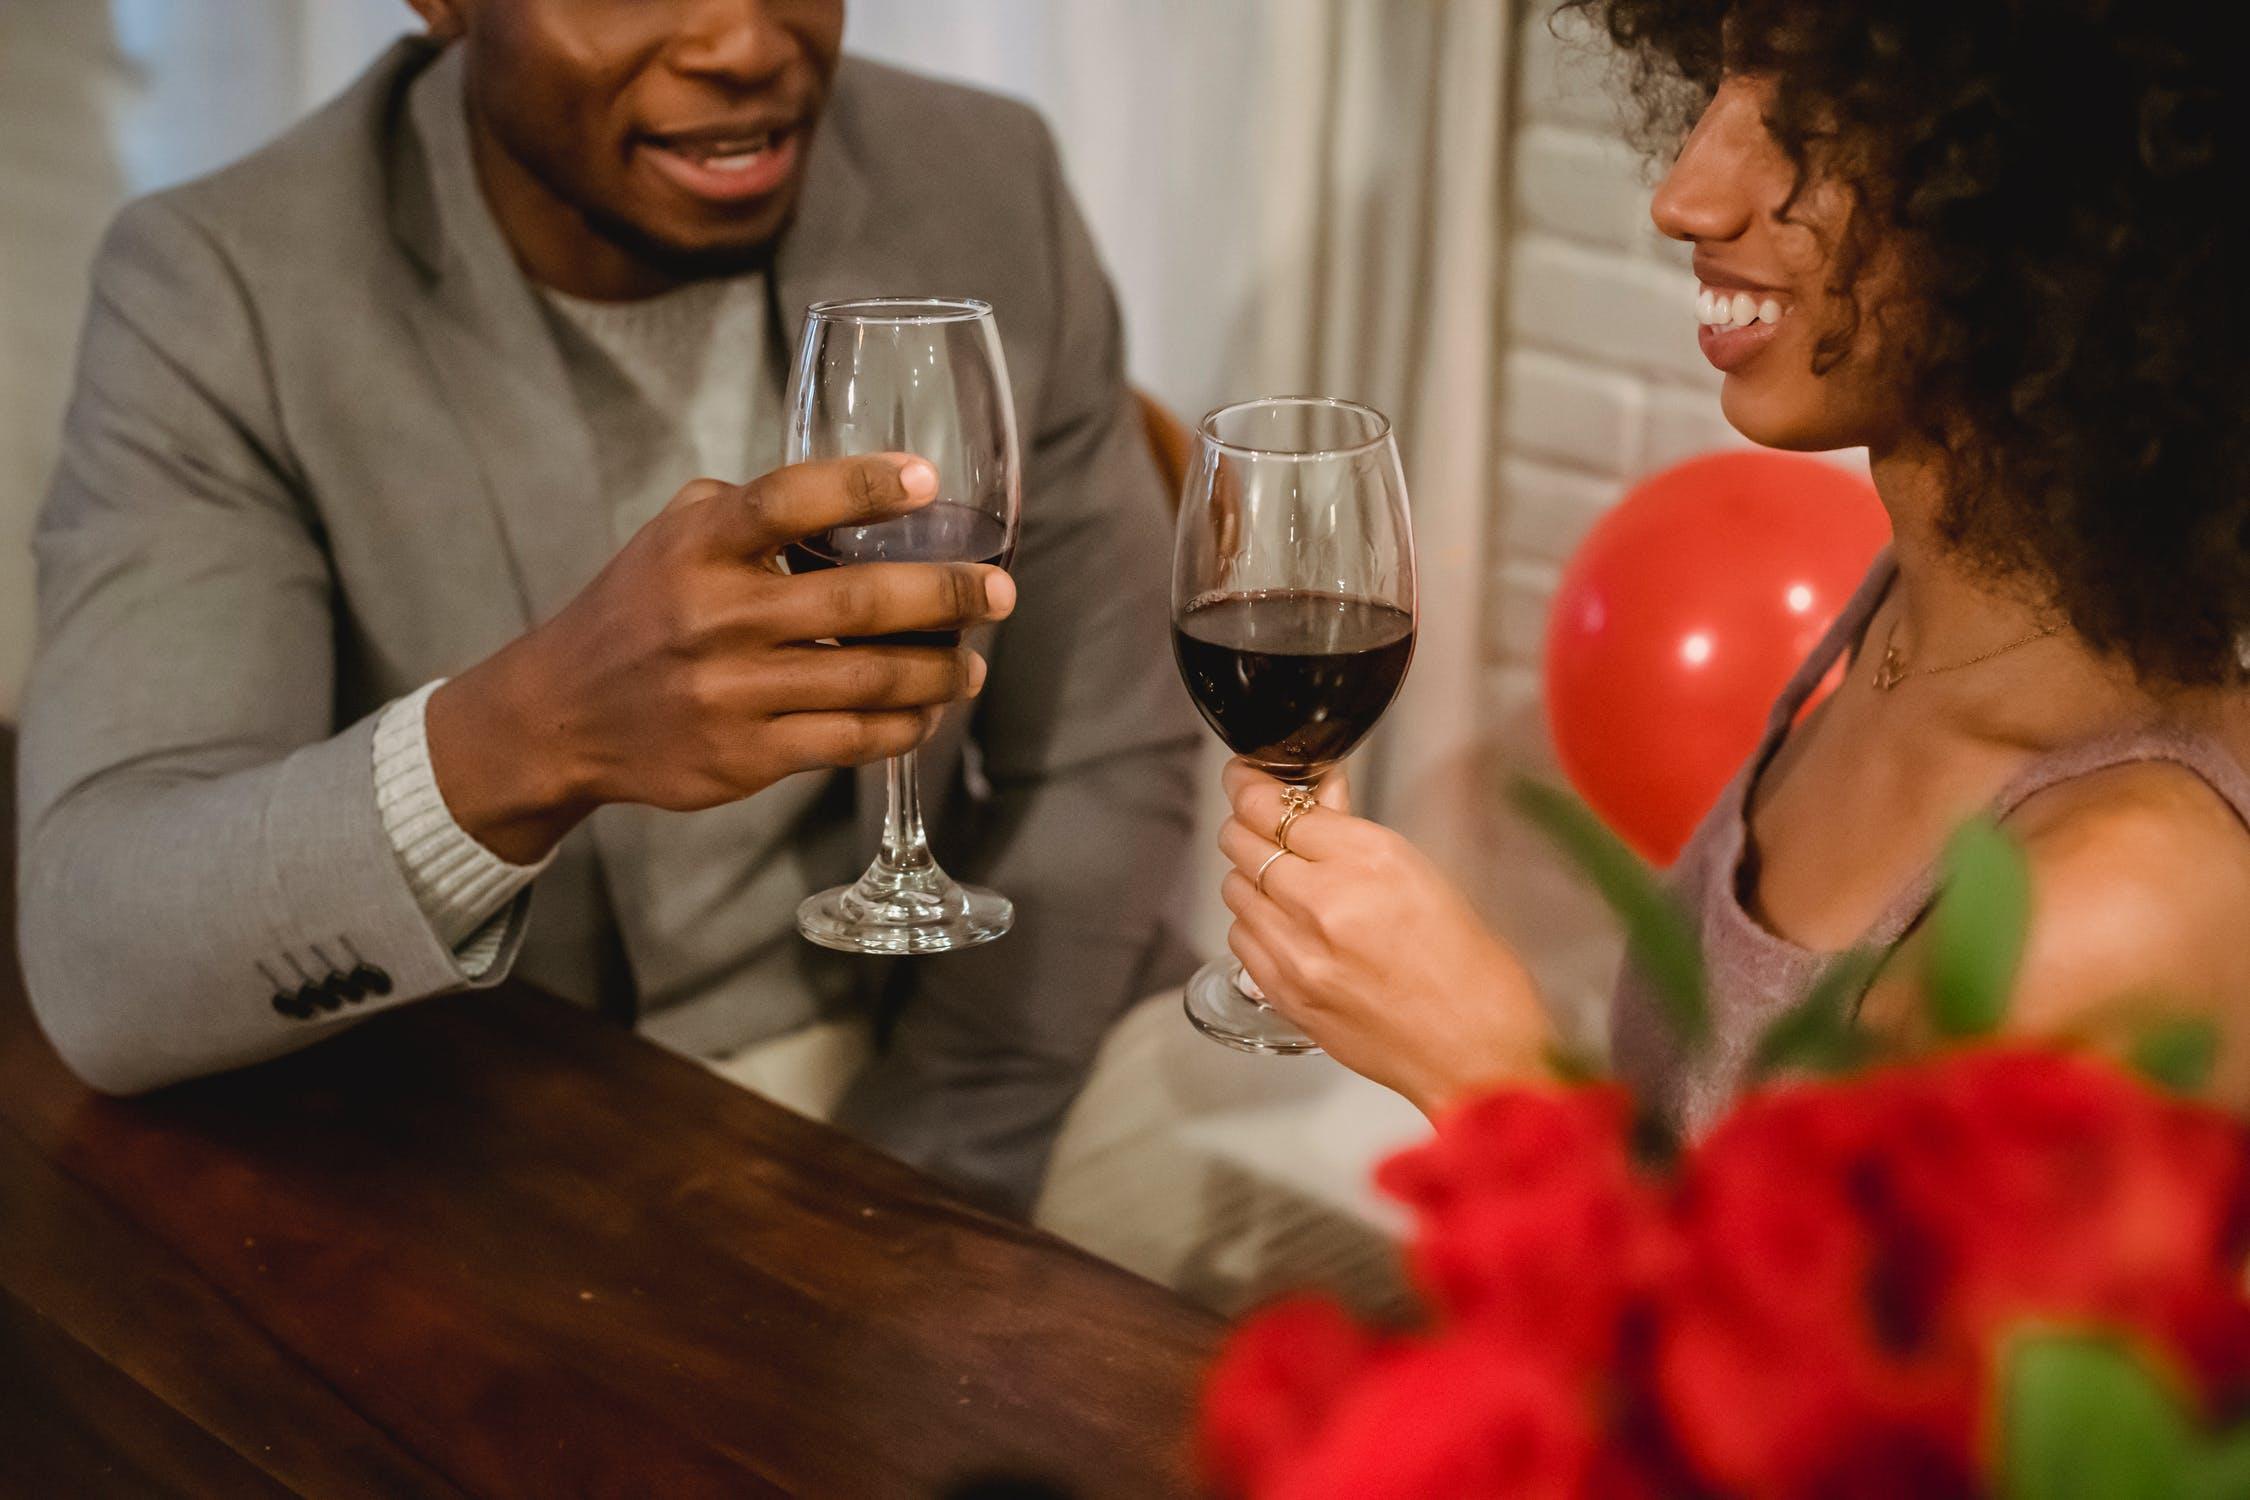 Valkuilen voor het eerste jaar in het huwelijk